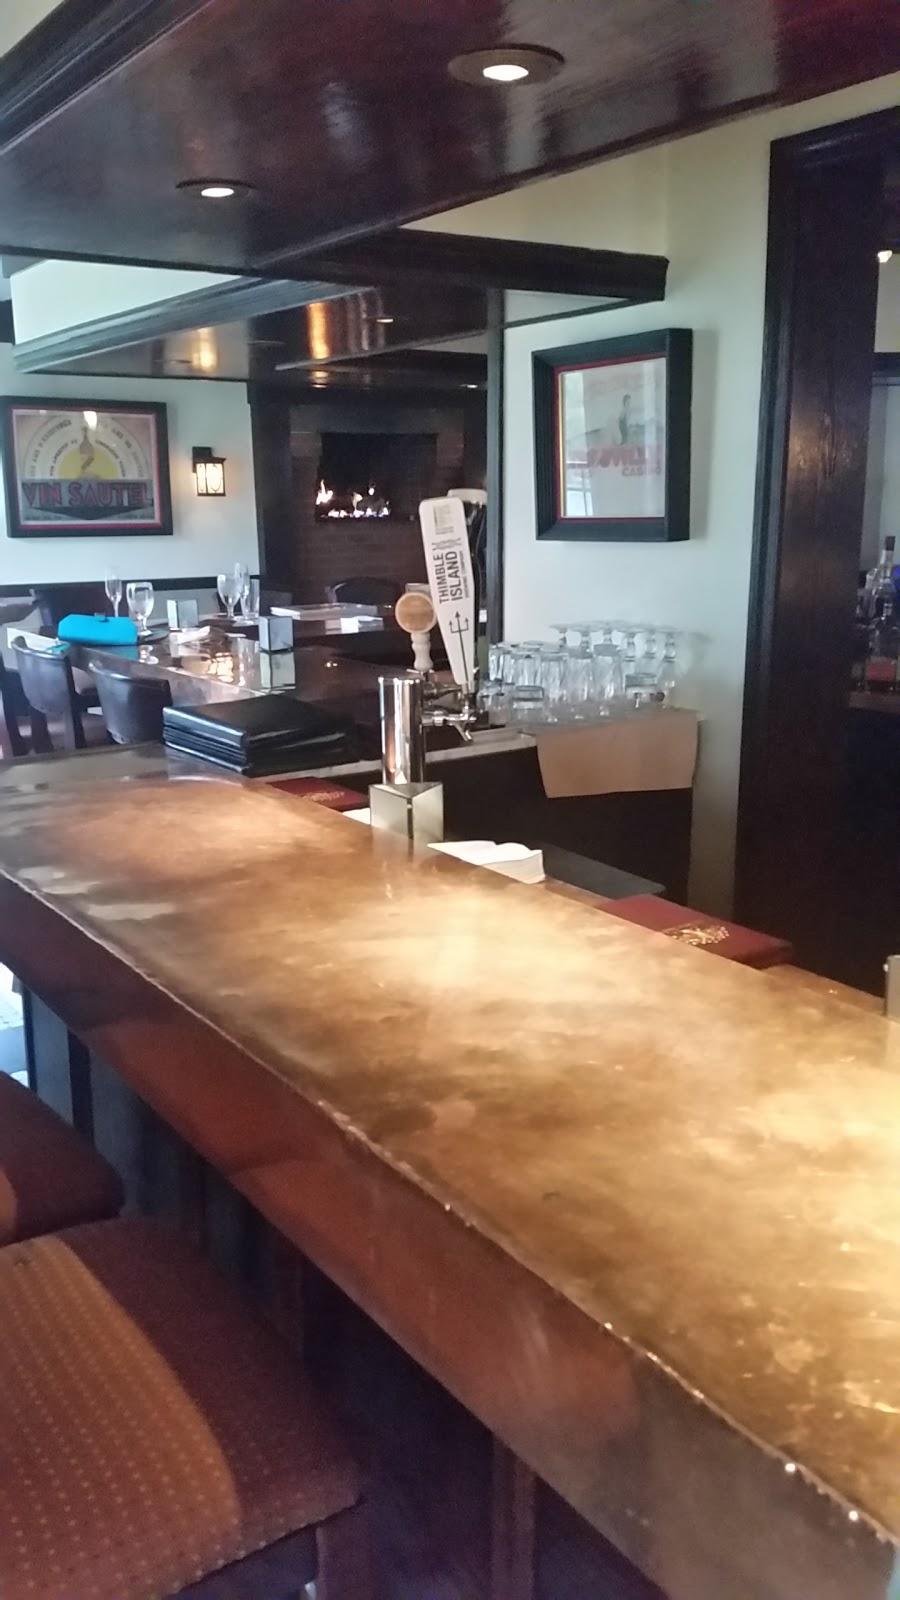 The Copper Beech Inn   restaurant   46 Main St, Ivoryton, CT 06442, USA   8607670330 OR +1 860-767-0330